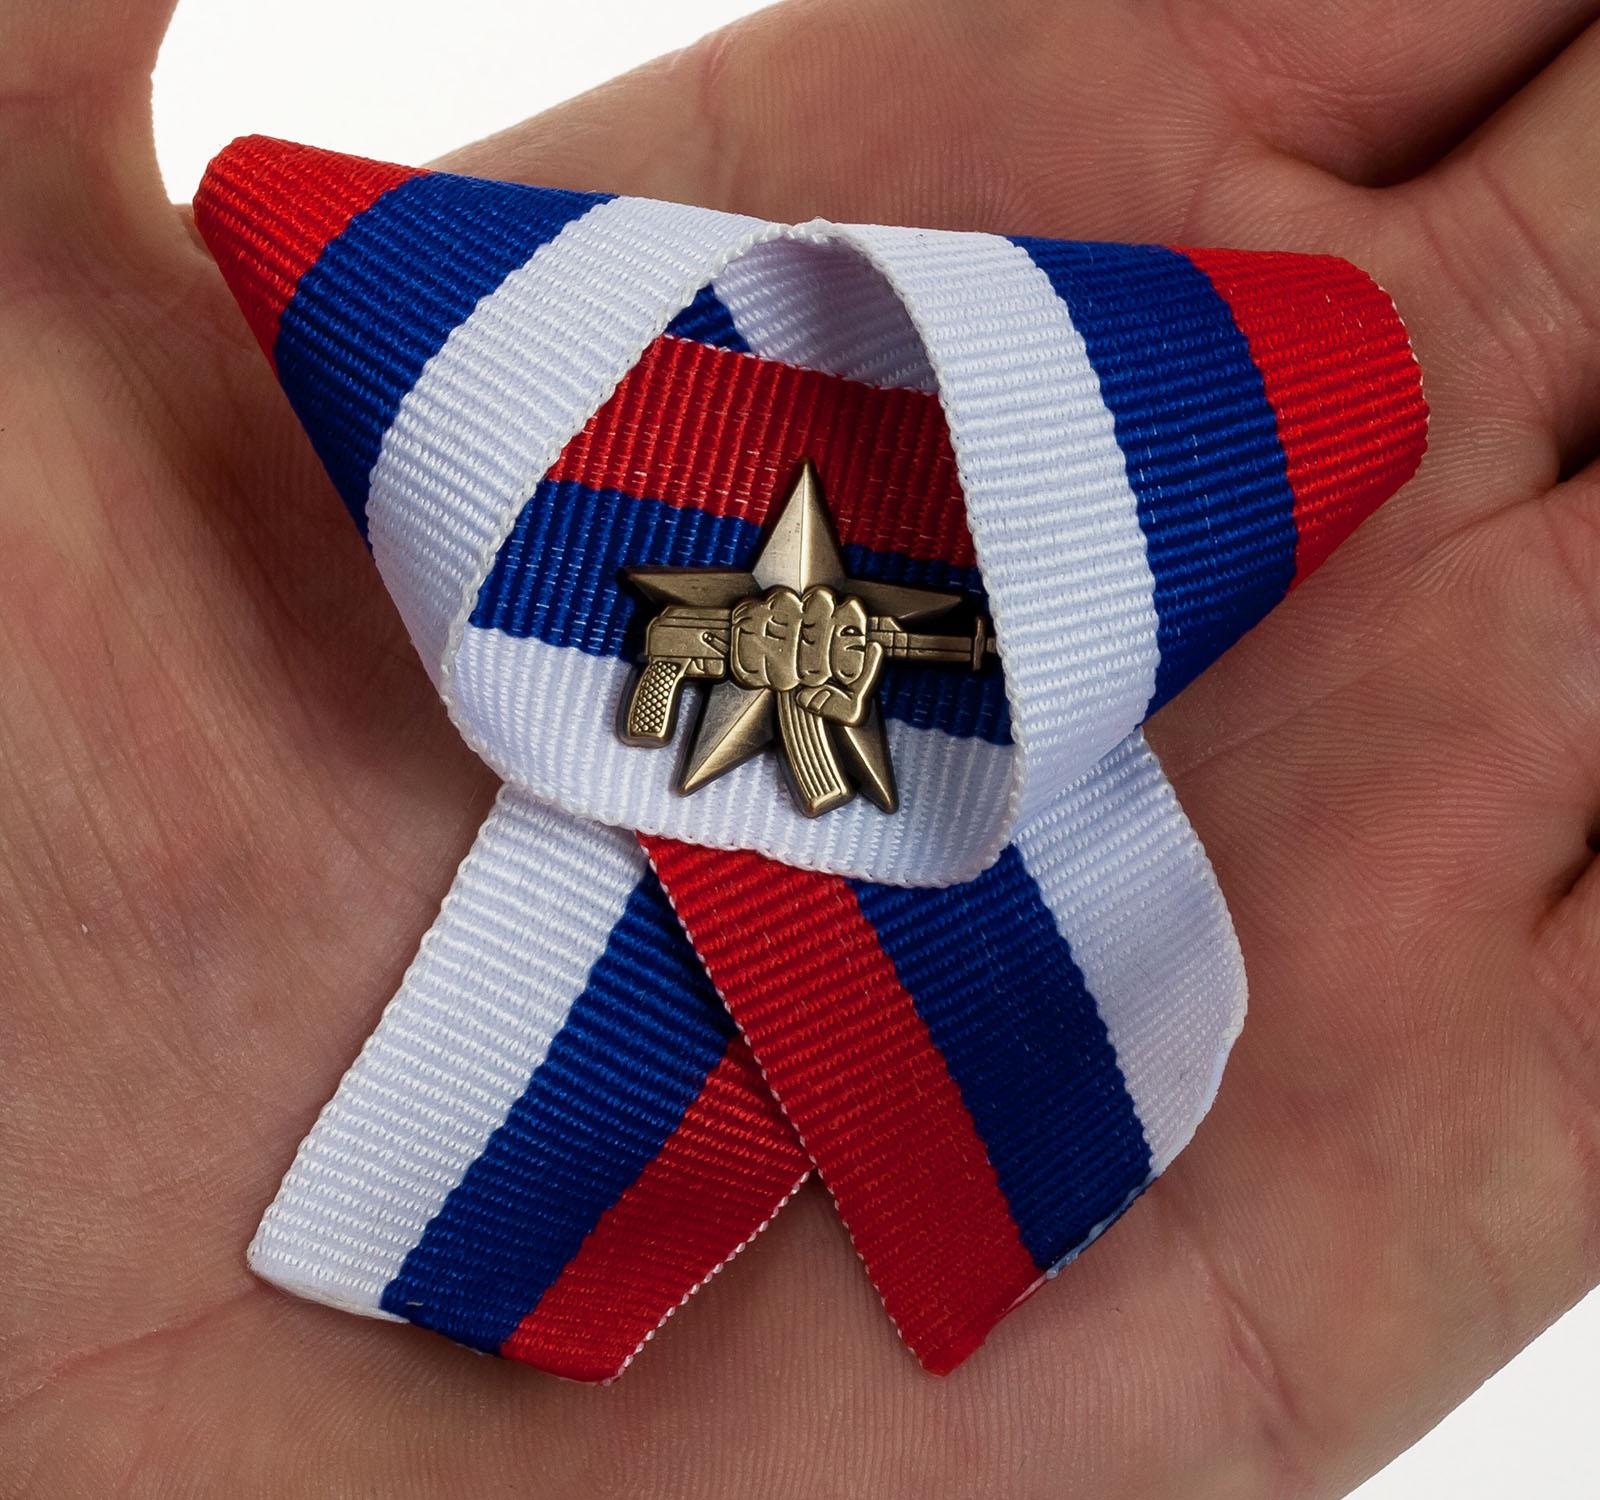 Эмблема Спецназа Росгвардии по низкой цене с доставкой